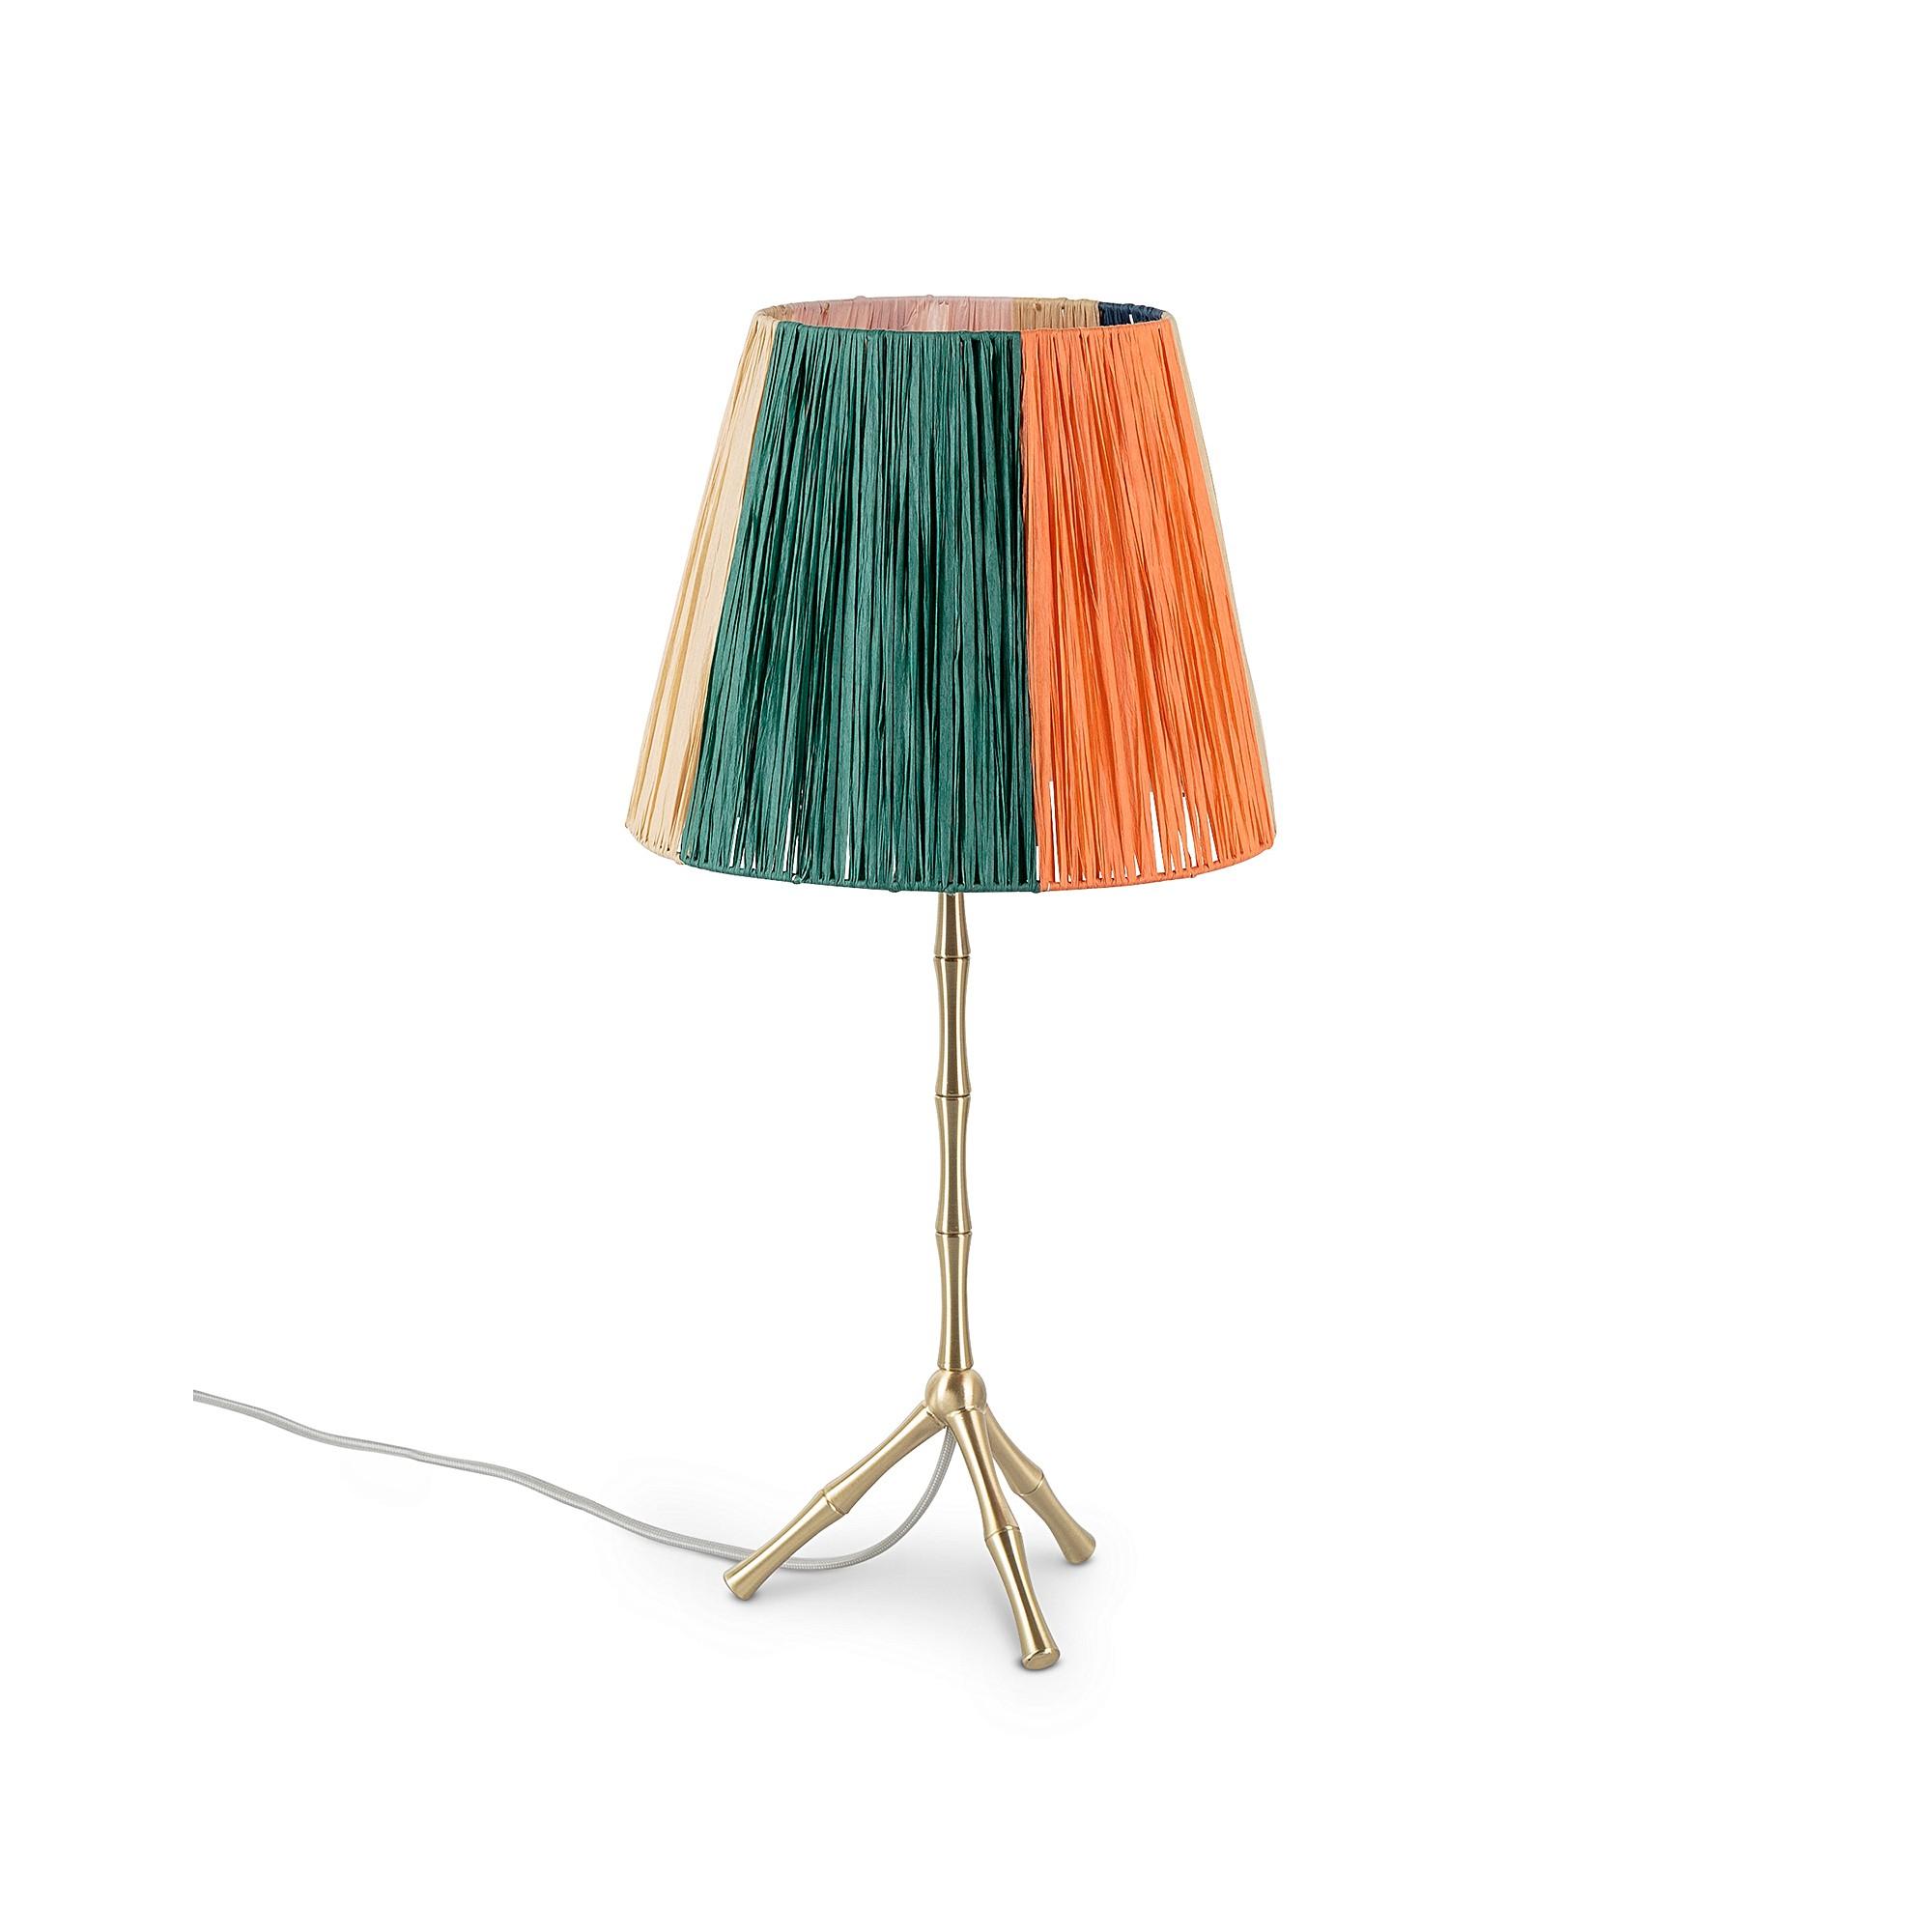 Munari Desk & Table Lamp   £95.00   Westquay